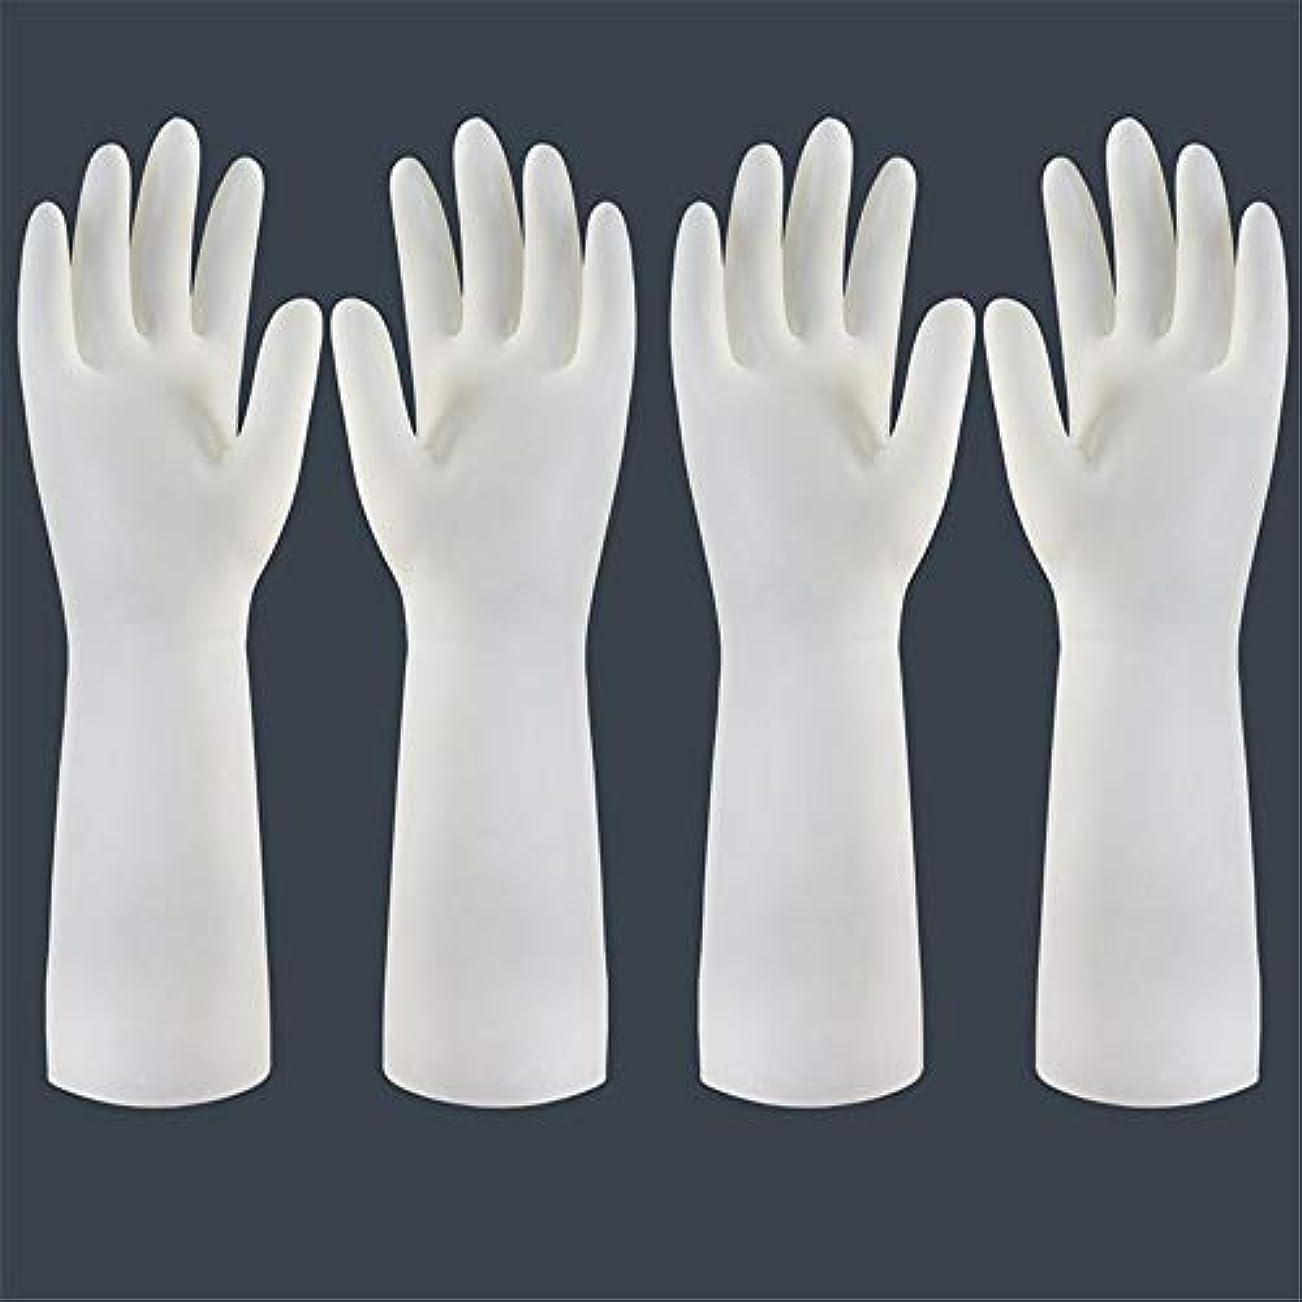 やりがいのある正当な貸し手使い捨て手袋 使い捨て手袋の防水および耐久のゴム製台所手袋、小/中/大 ニトリルゴム手袋 (Color : Long-2 pair, Size : S)